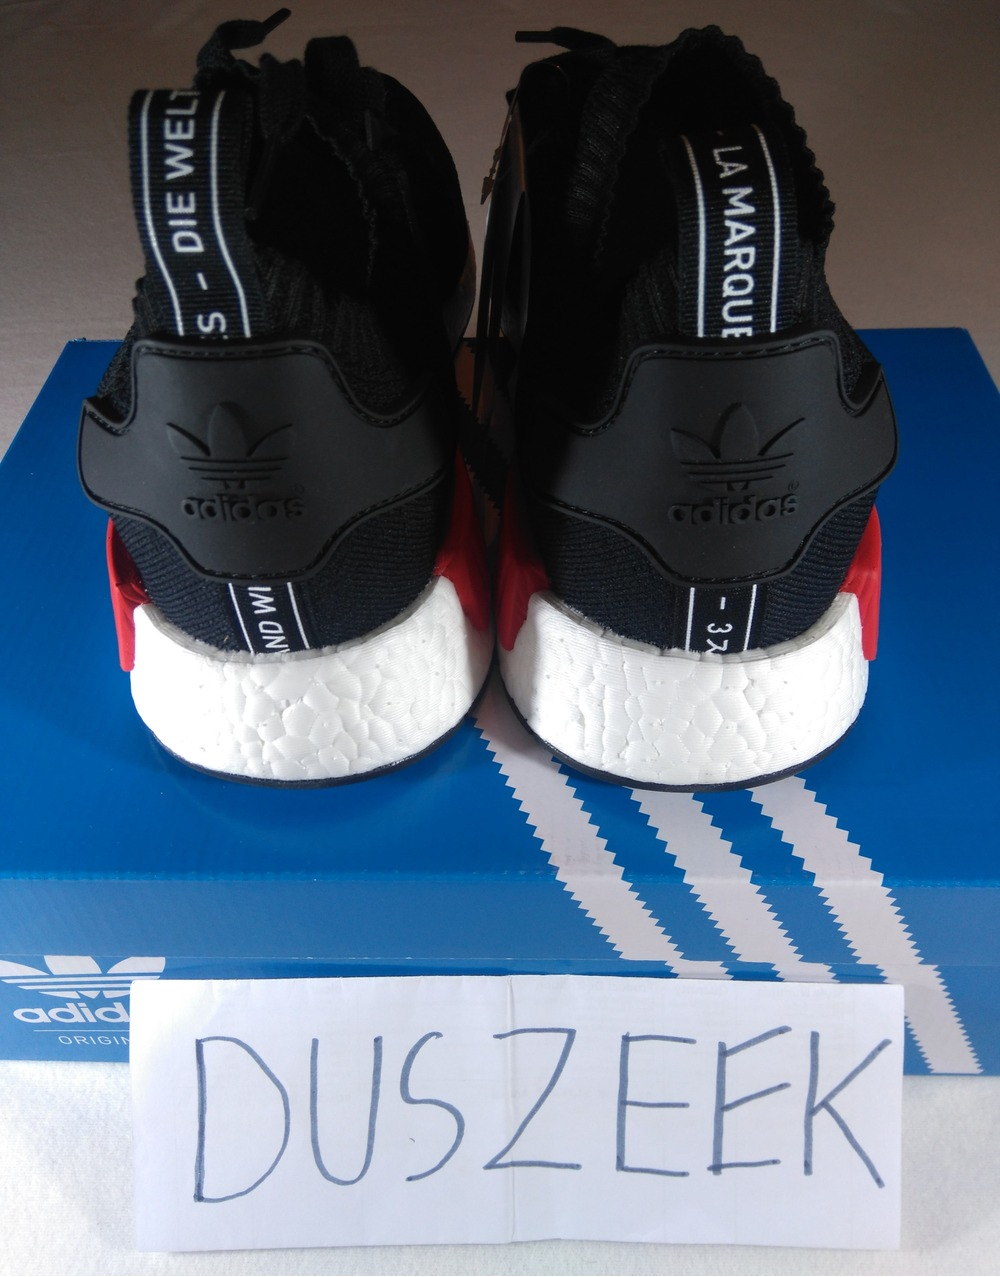 Adidas NMD R1 Primeknit OG Unboxing (2017)